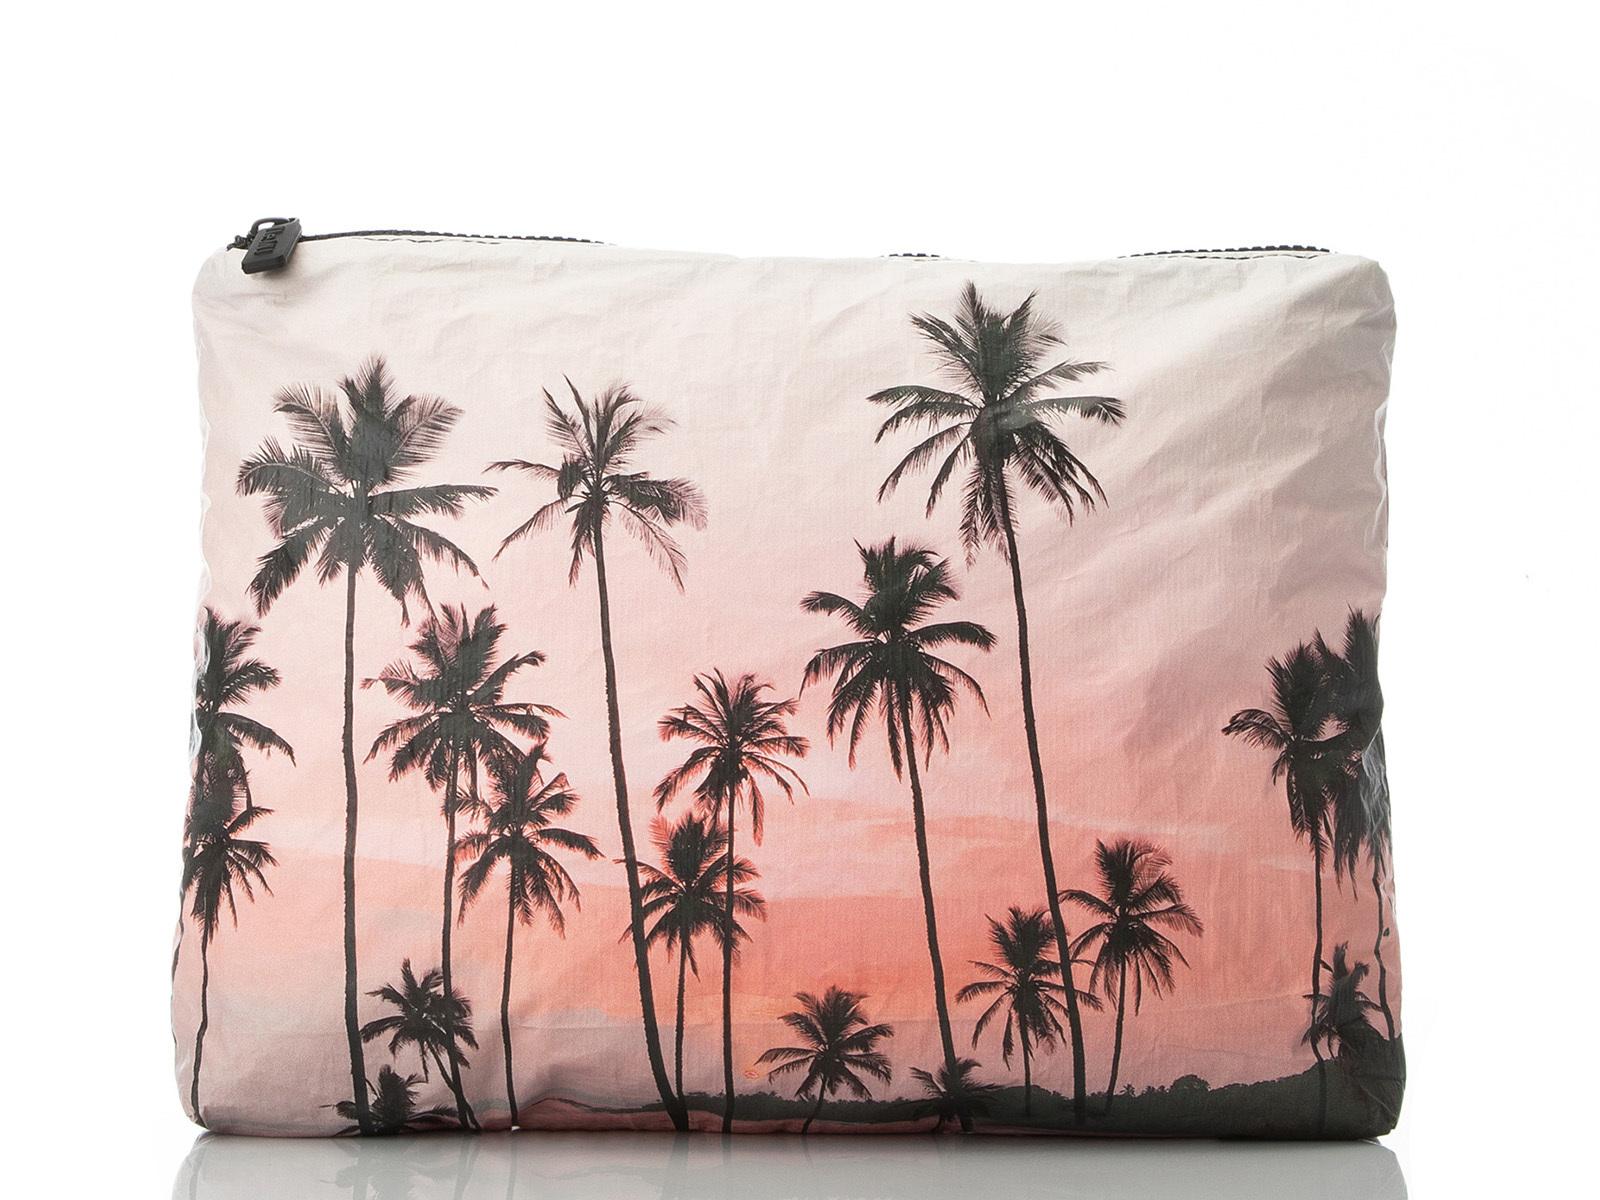 waterproof-pouch.jpg?mtime=20190415100640#asset:105515